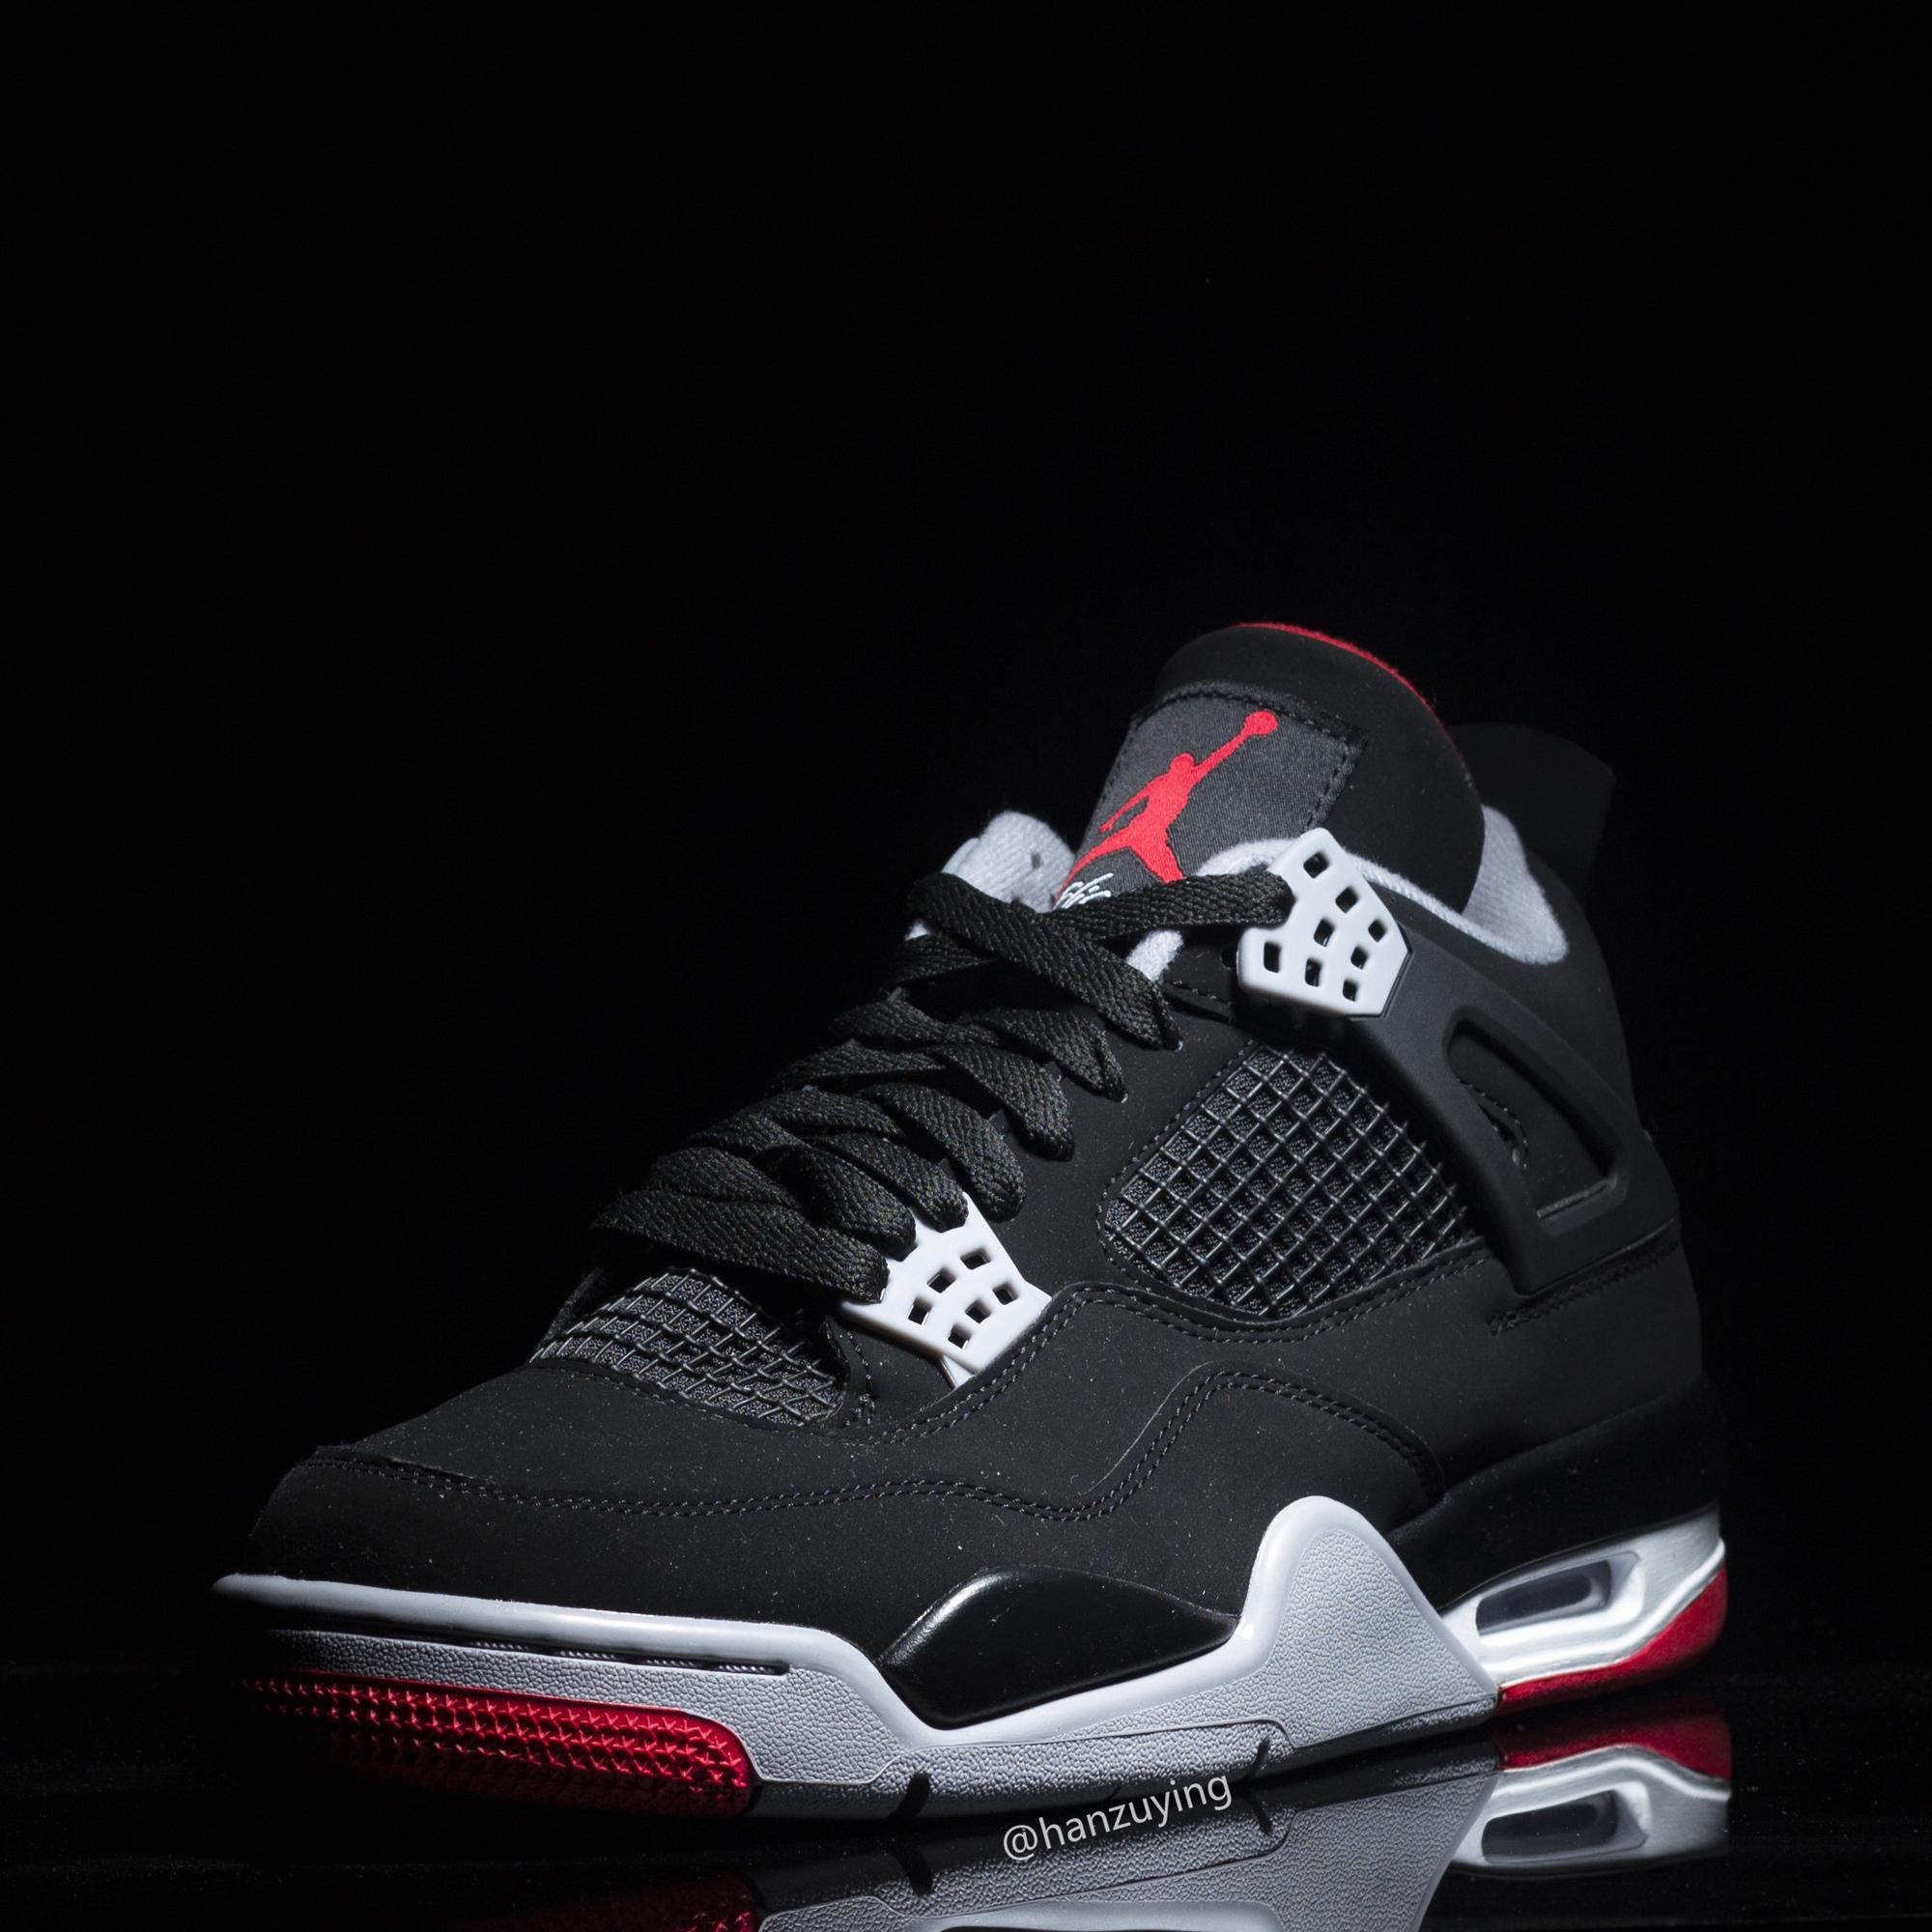 c3ae6673e9d014 Air-Jordan-4-Black-Cement-OG-2019-2 - WearTesters